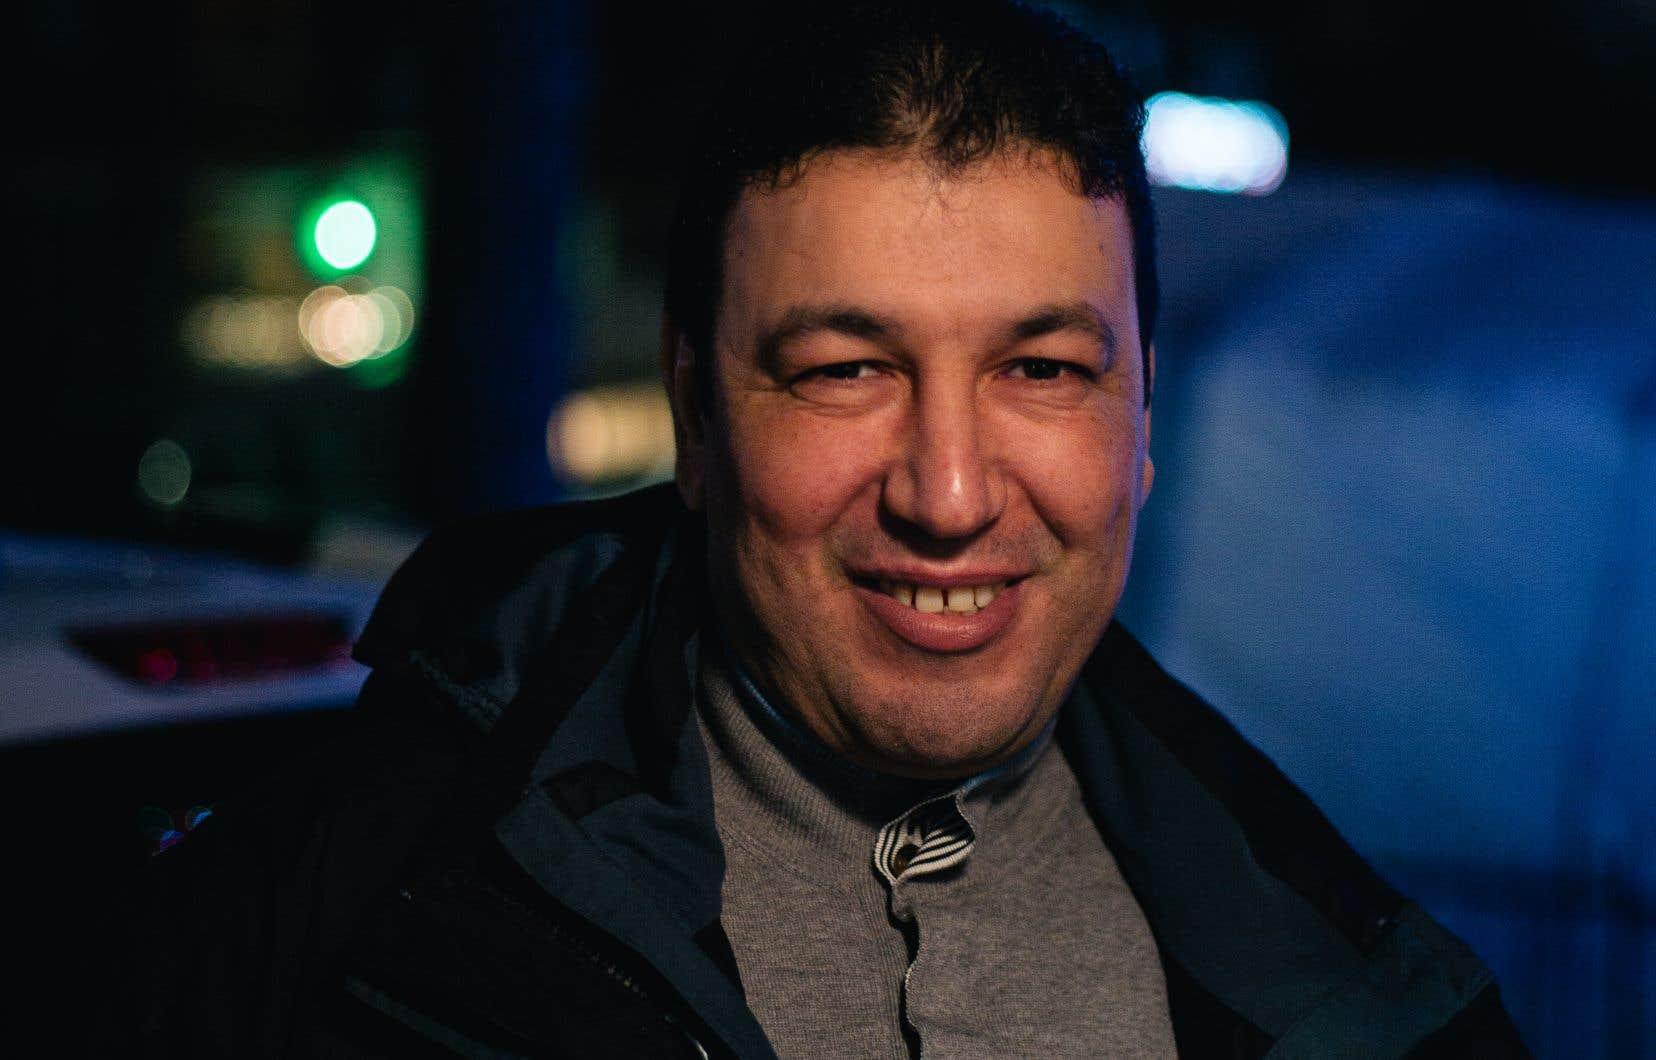 Djamel Hallel, camionneur depuis 23 ans, a passé des jours sur les routes du Canada, durant le premier mois de la pandémie, pour fournir en aliments les épiceries de la province.